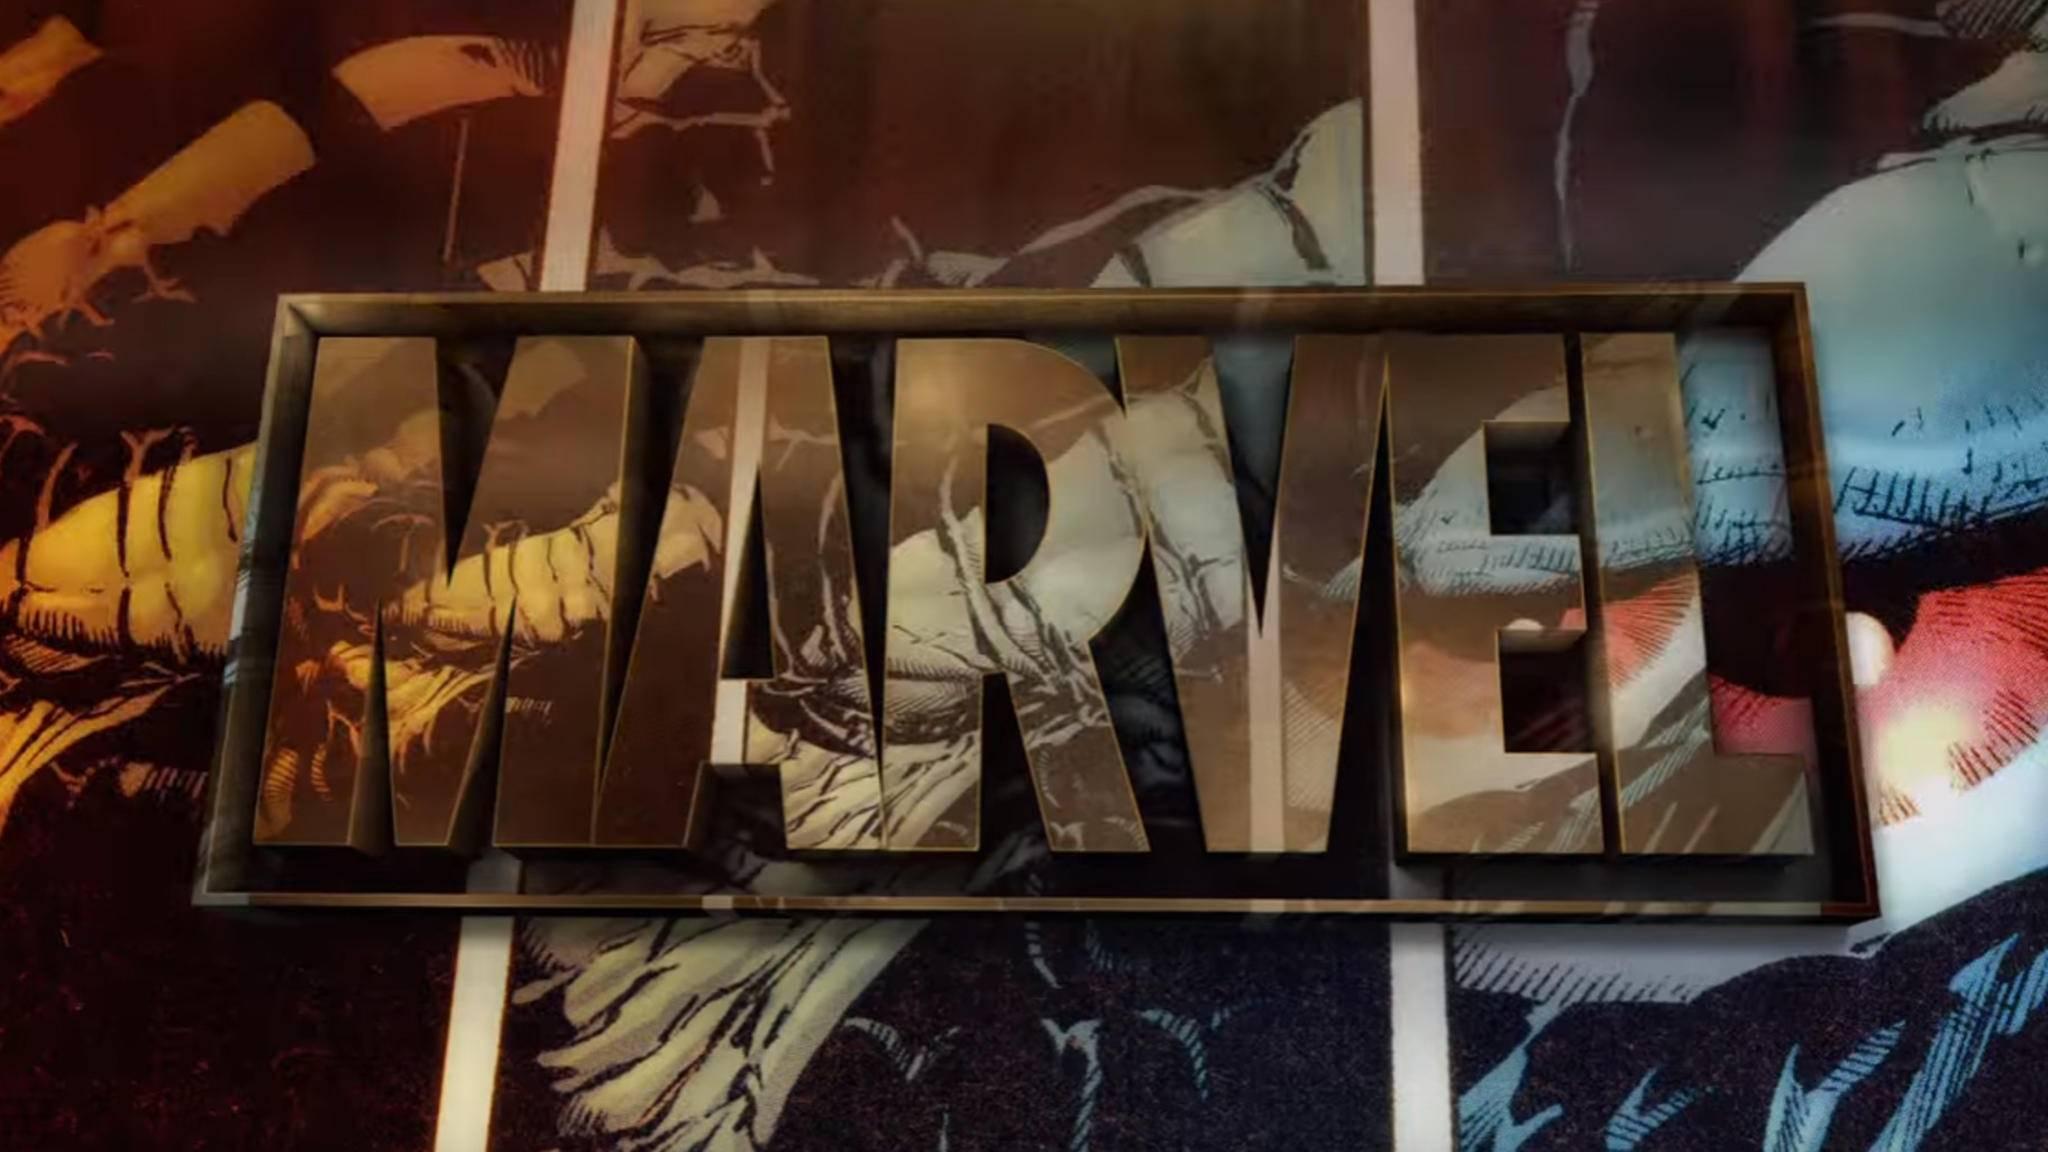 Second Dinner, ein Team aus Ex-Blizzard-Mitarbeitern, entwickelt momentan ein Spiel im Marvel-Universum.